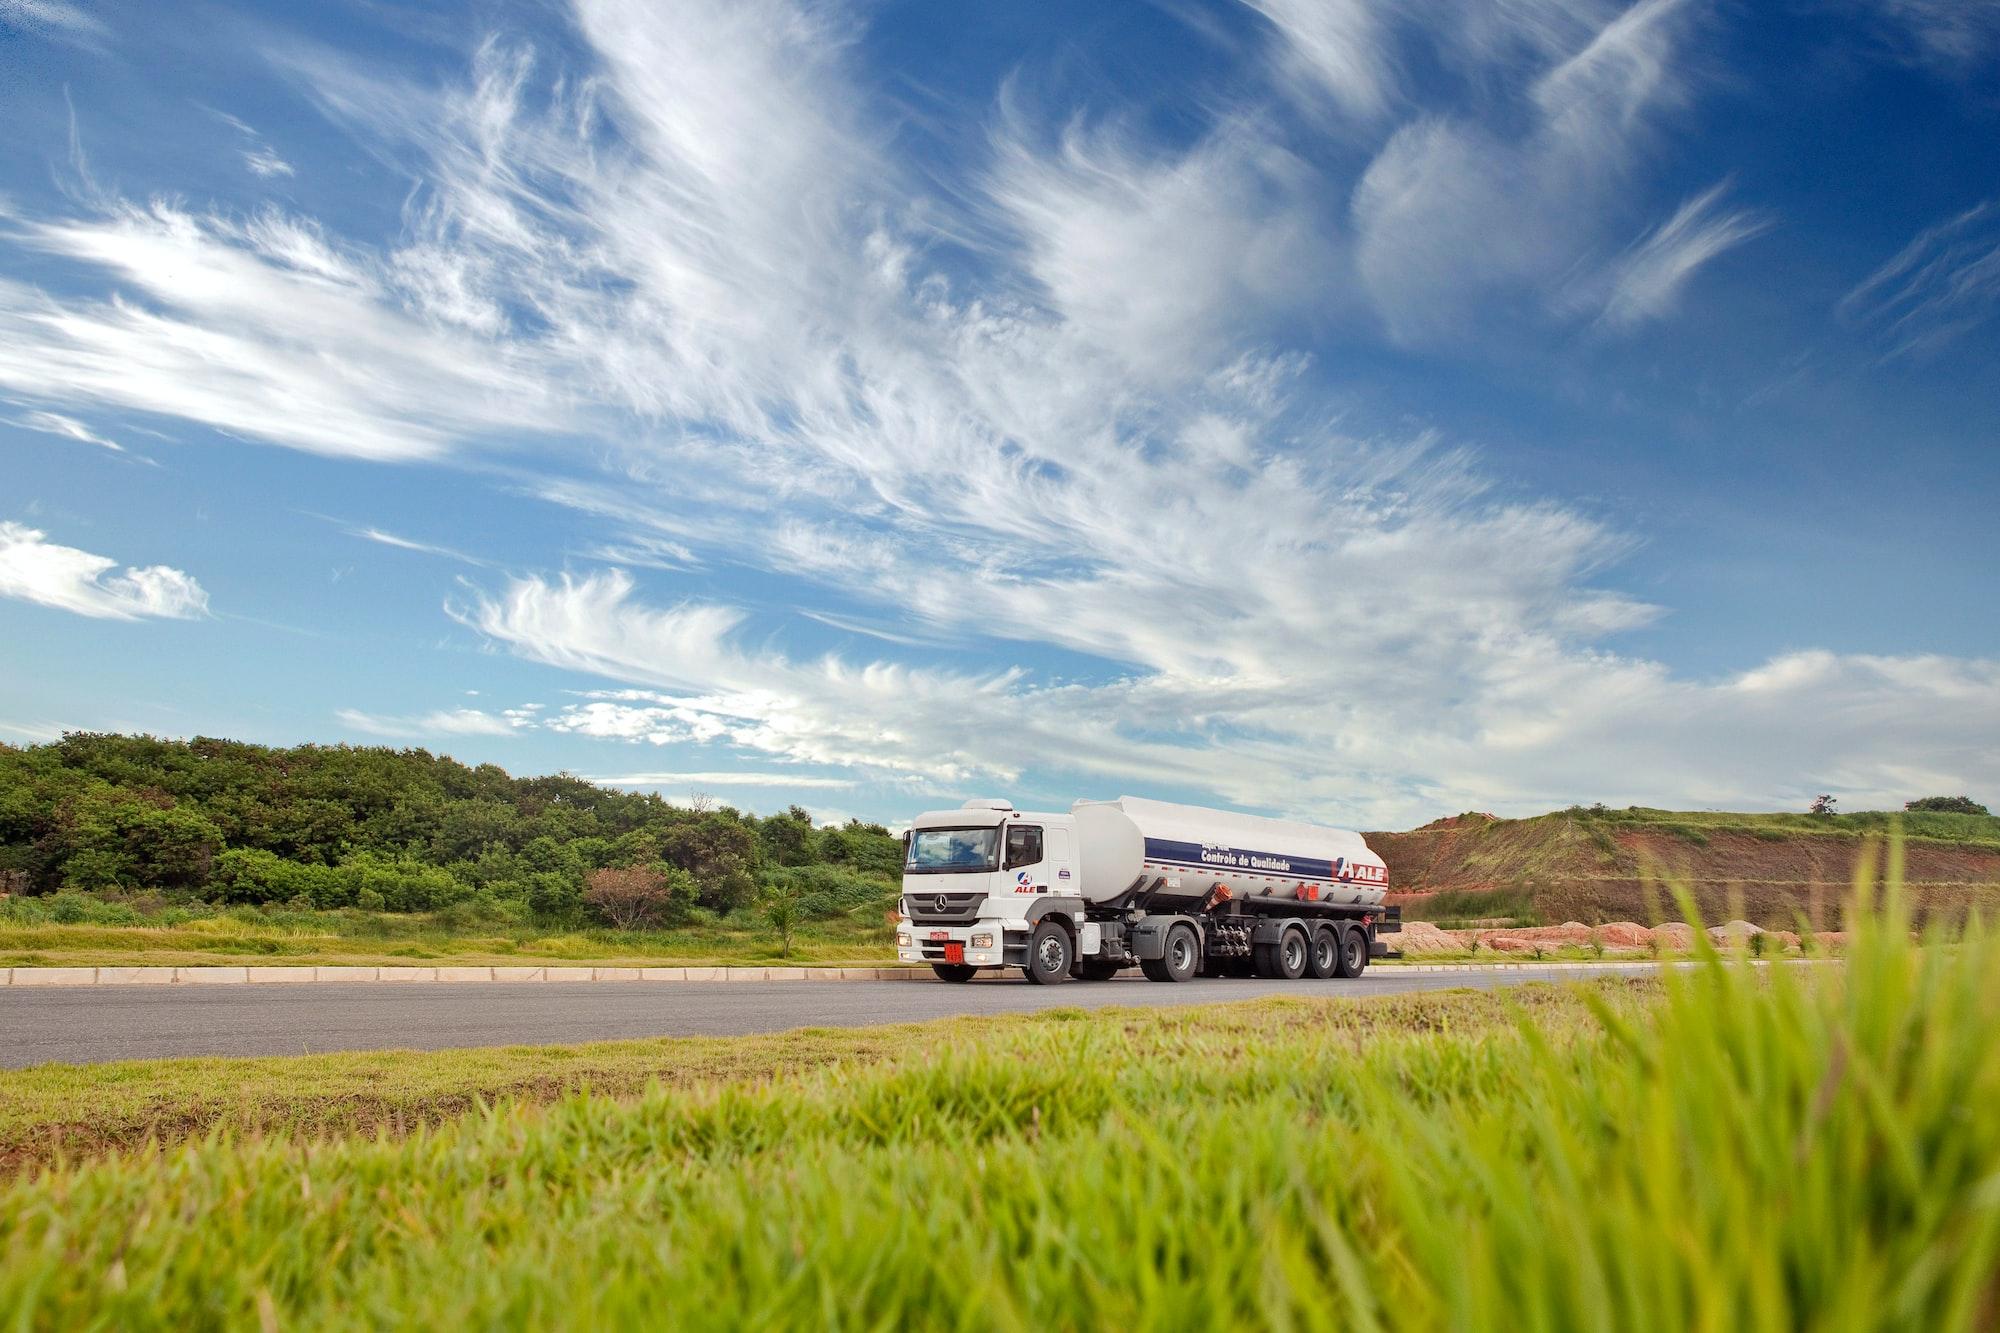 Transporteurs, comment faire plus de business cet été ?